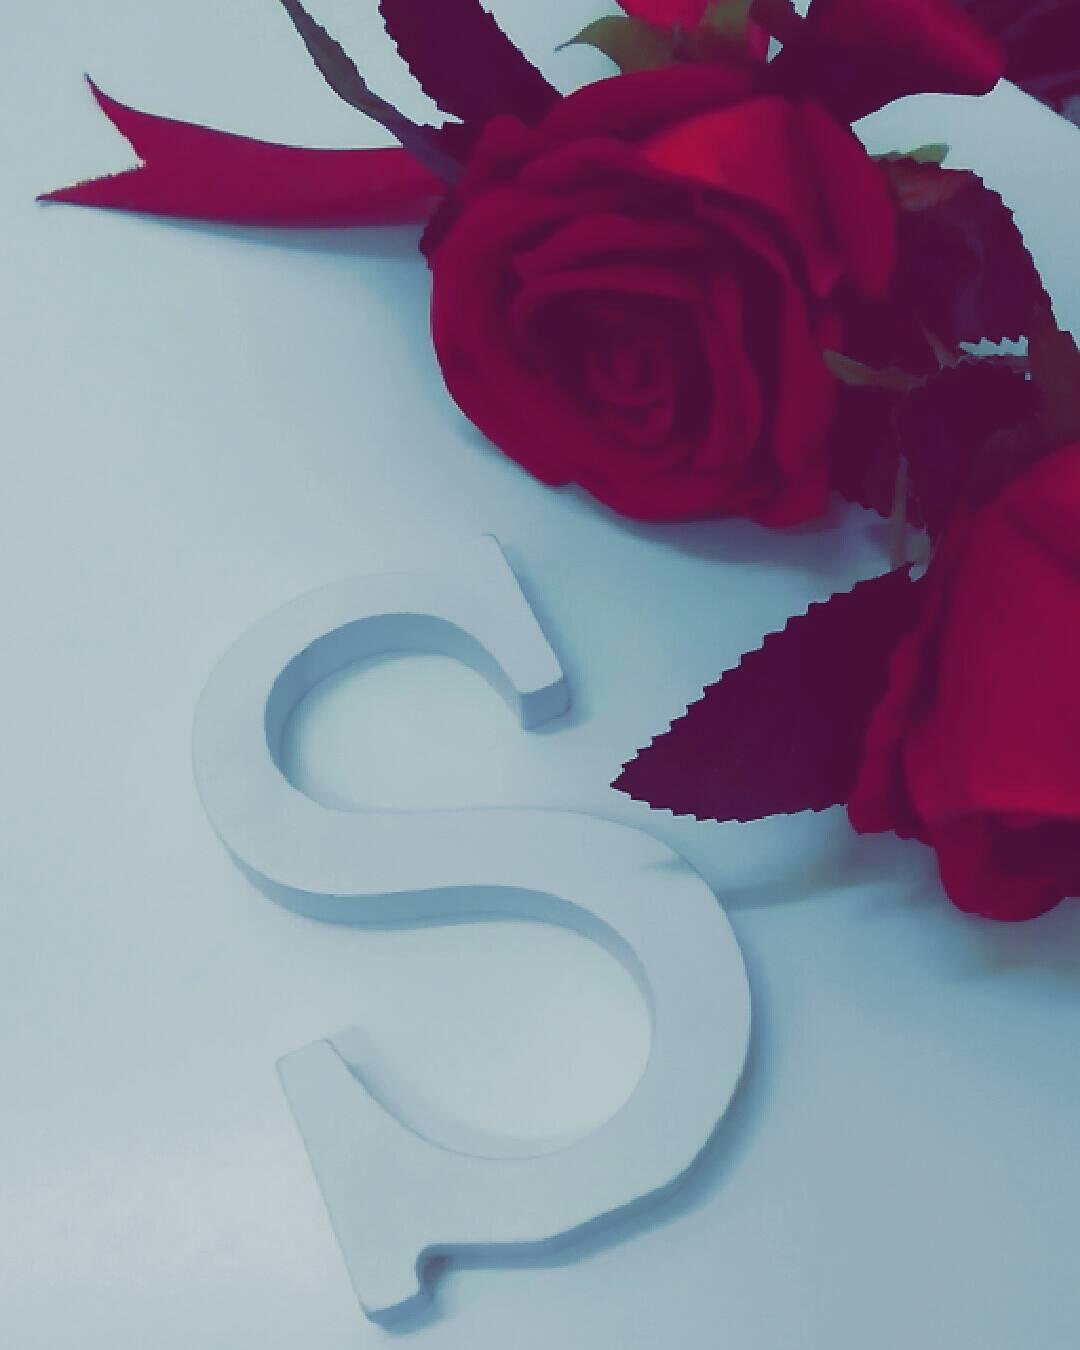 صور صور حرف s , حرف ال s و خلفيات جميله عنه